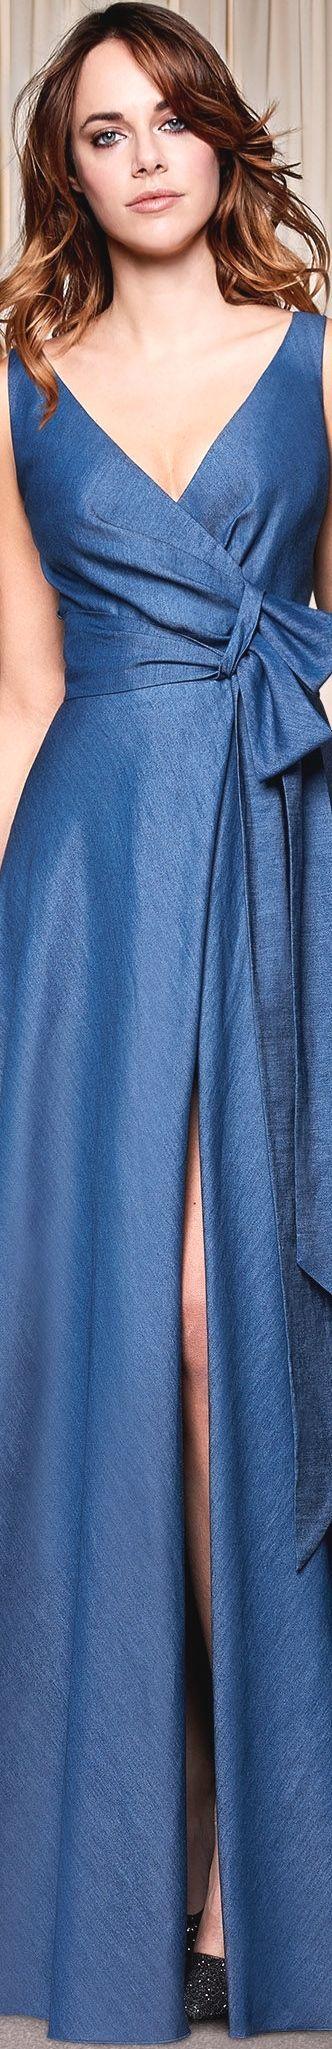 @roressclothes clothing ideas #women fashion blue dress Atelier Emé Collection 2018